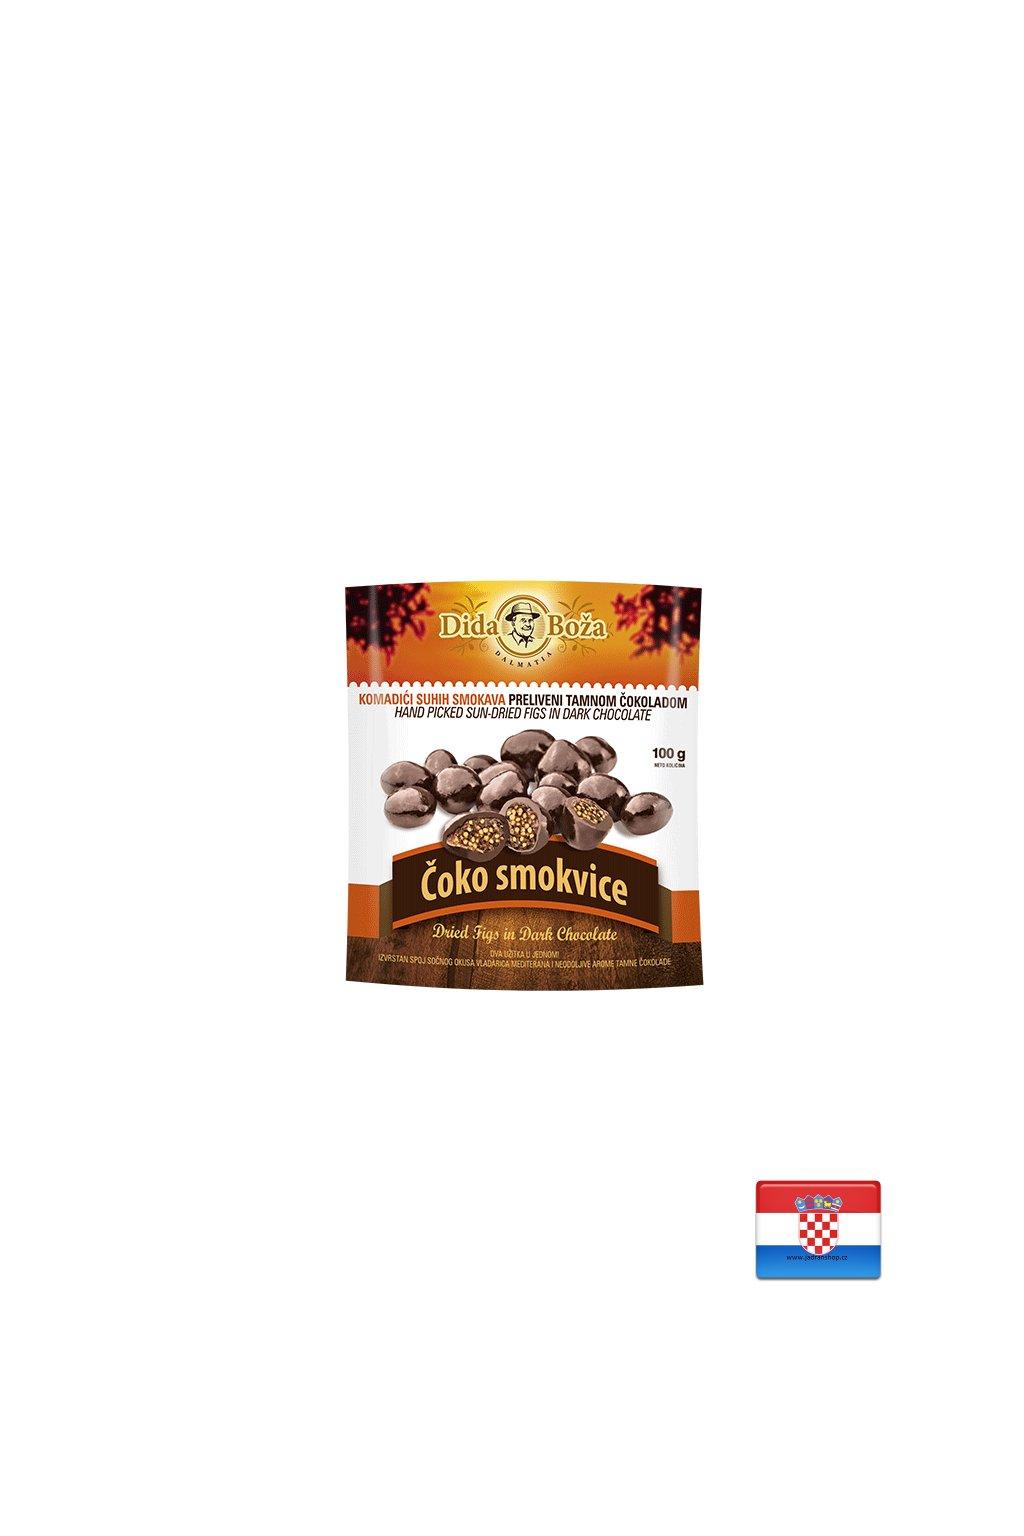 Drażetki figi suszone w gorzkiej czekoladzie 100 g